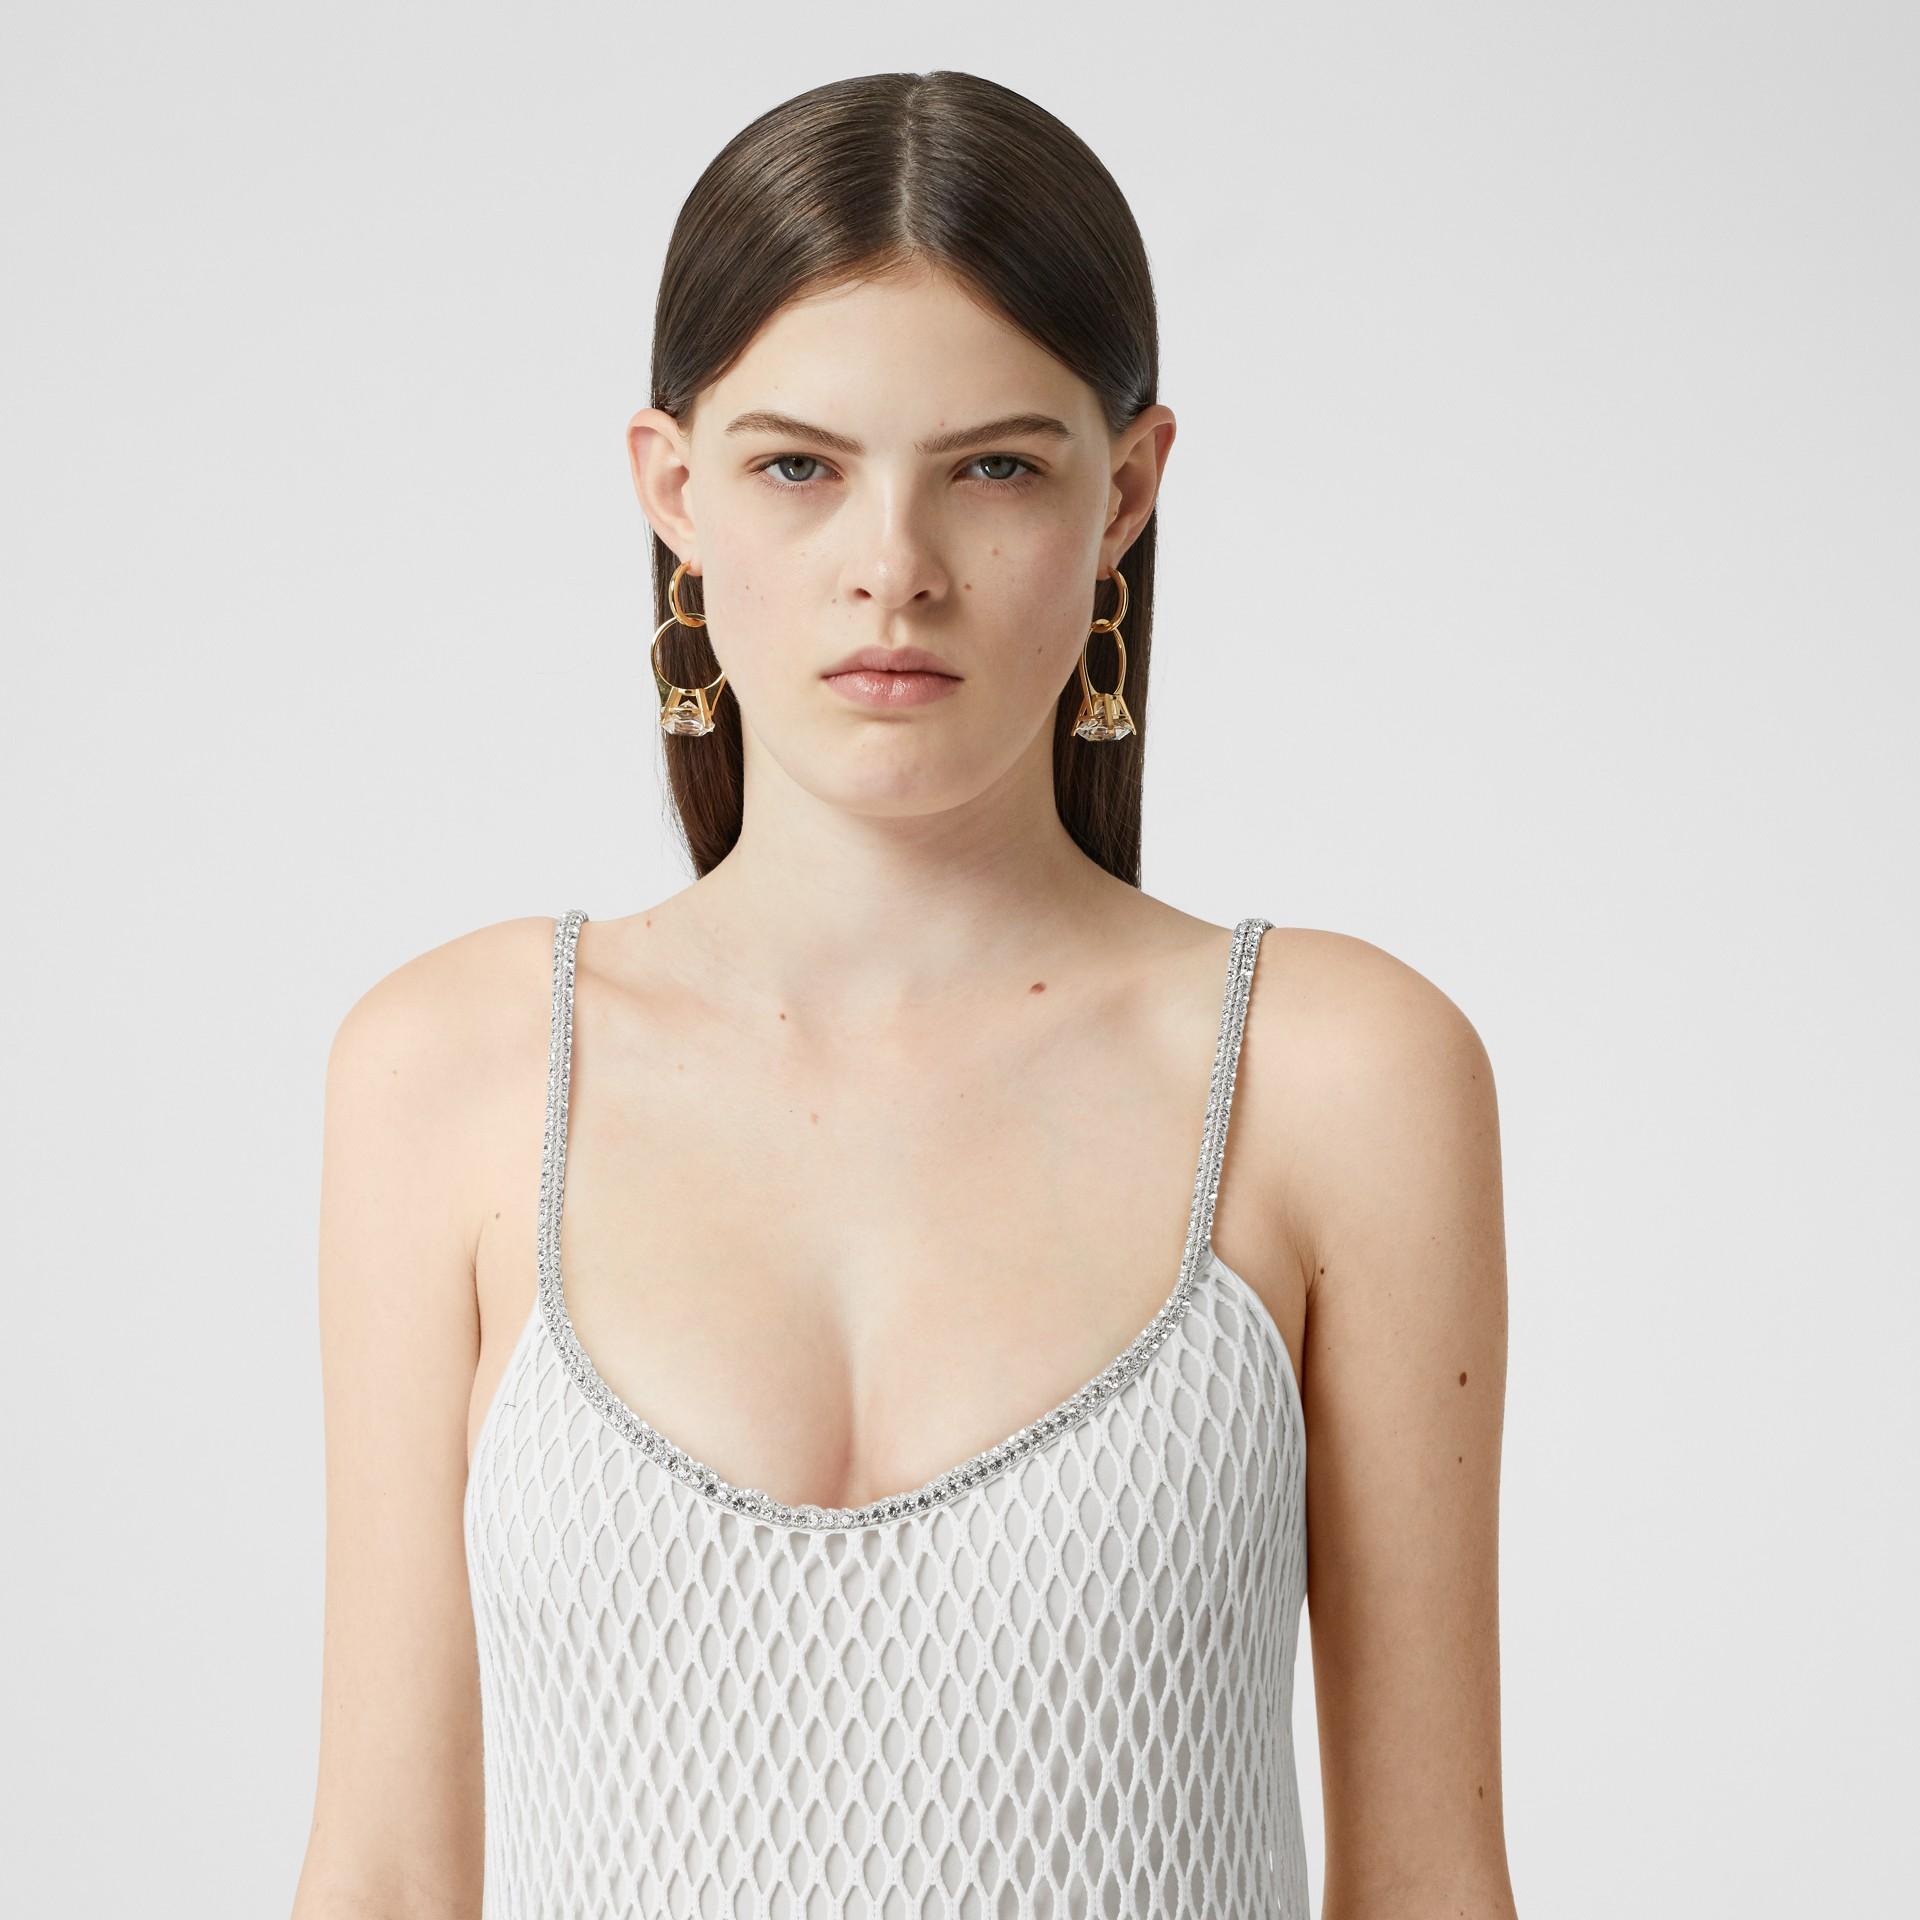 Vestido en malla de algodón con flecos de cristales (Blanco) - Mujer | Burberry - imagen de la galería 1